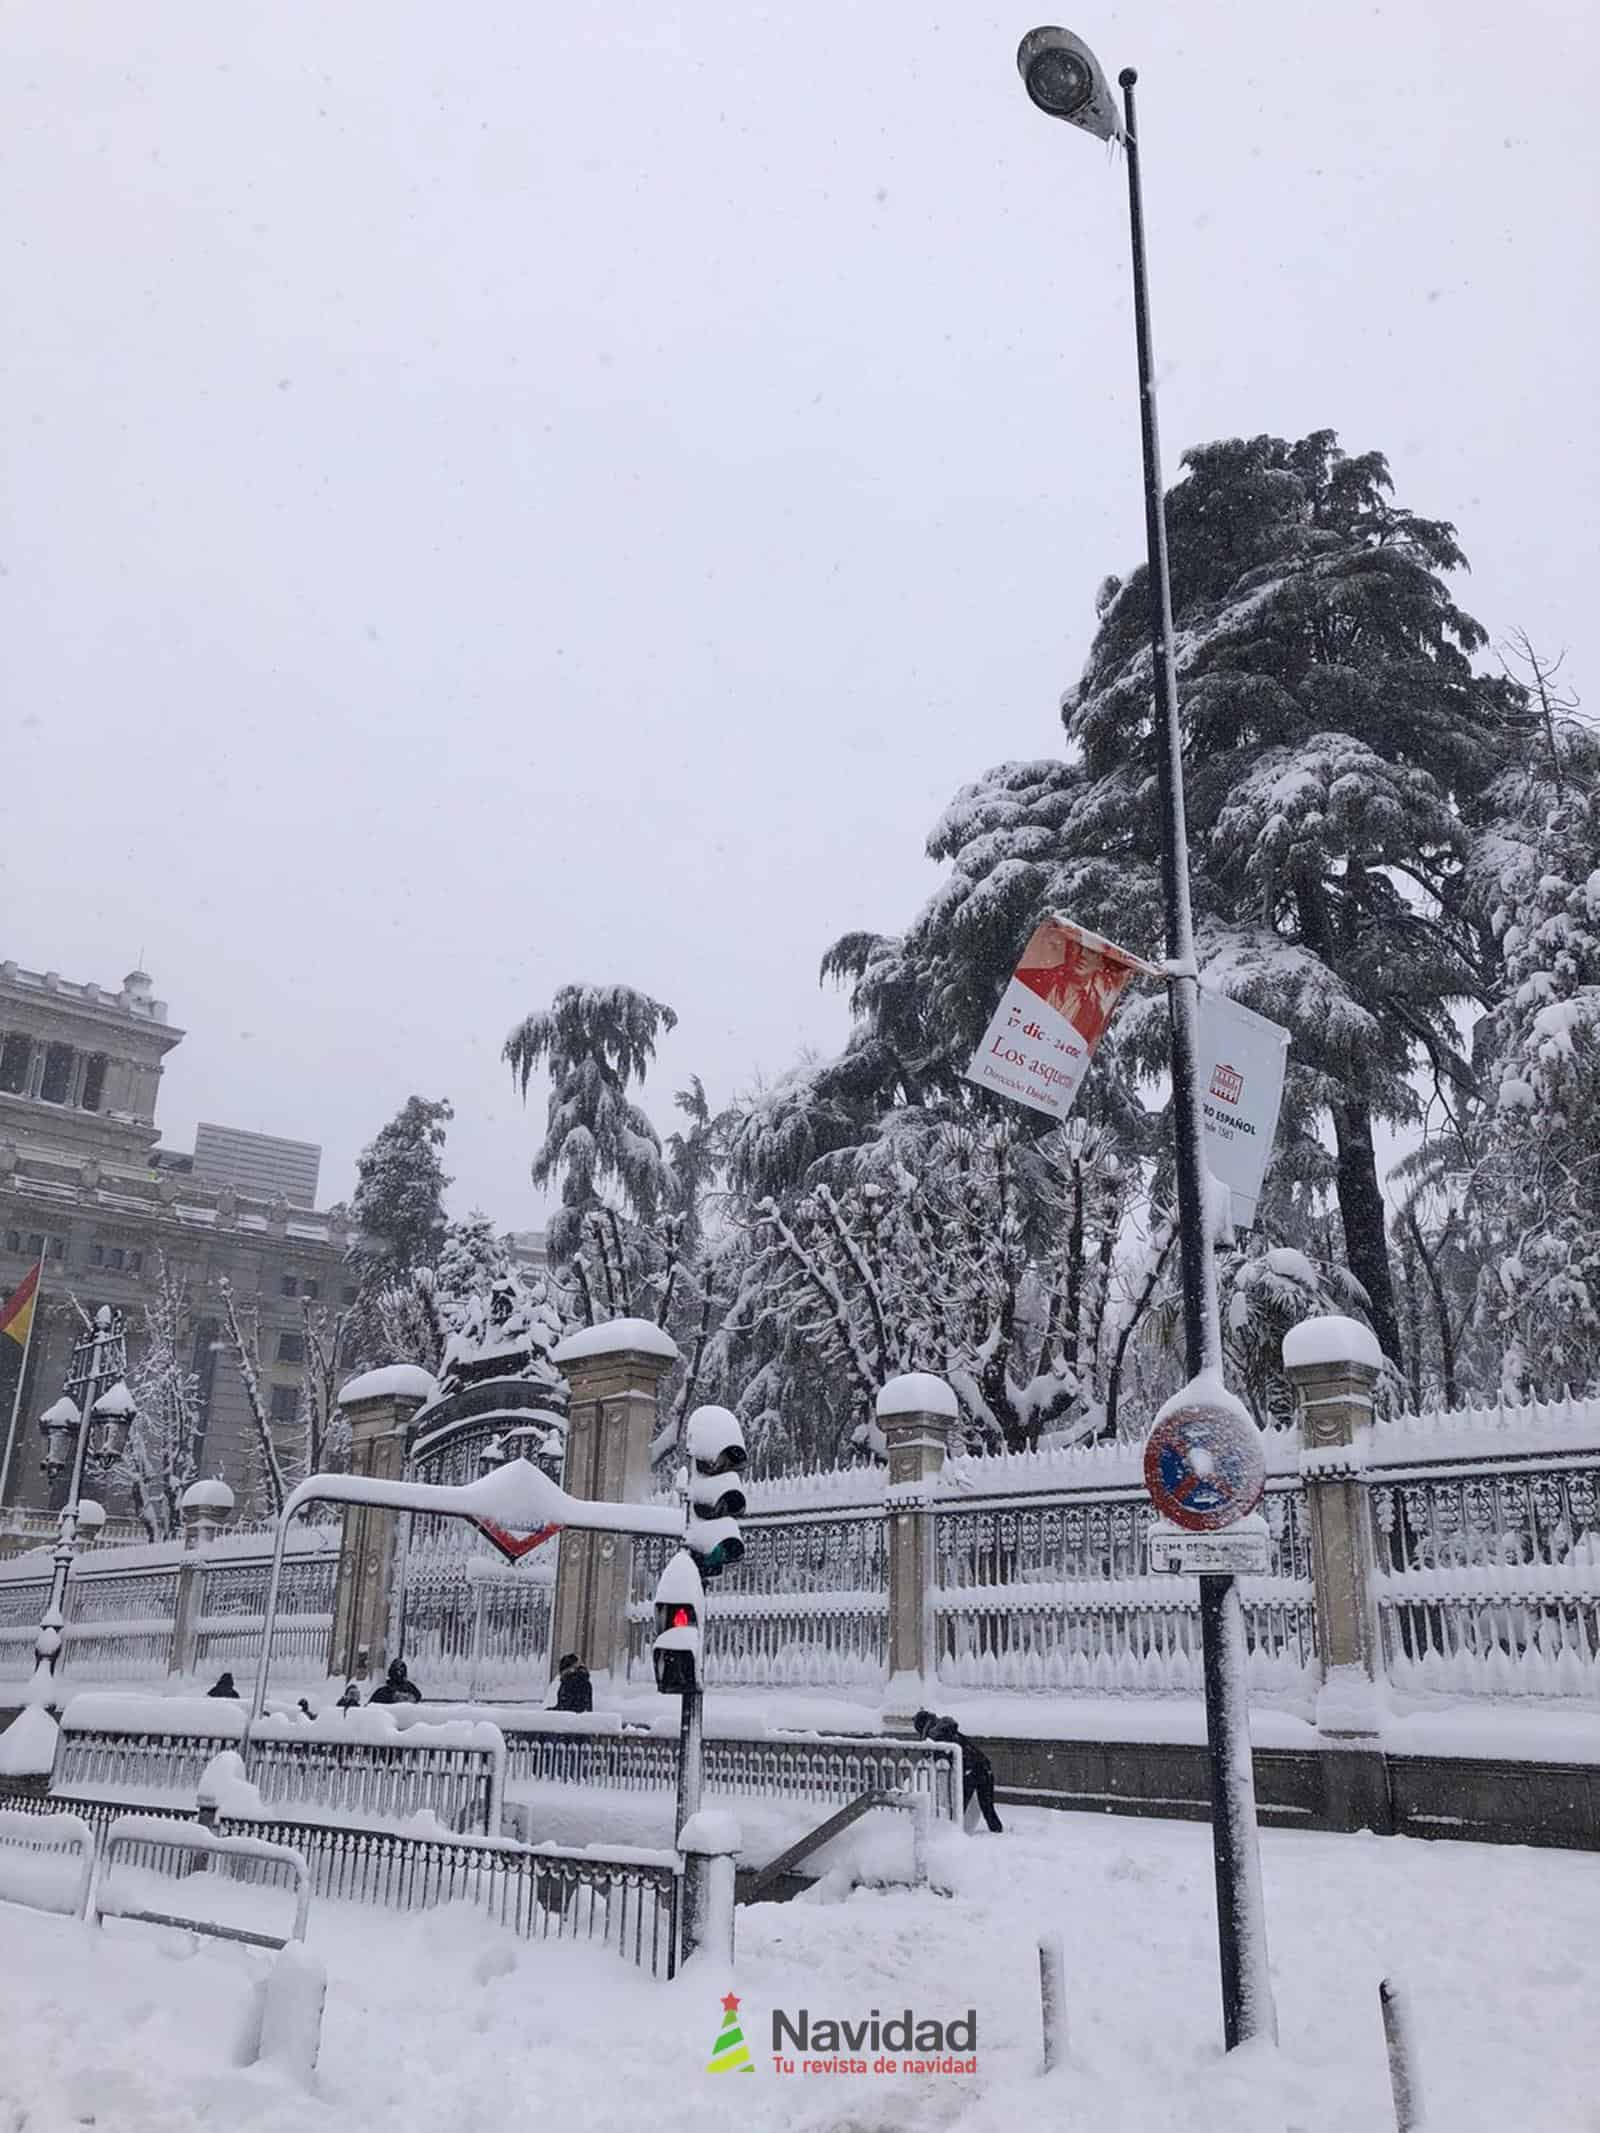 Fotografías de la nevada de enero en Madrid (España) 85